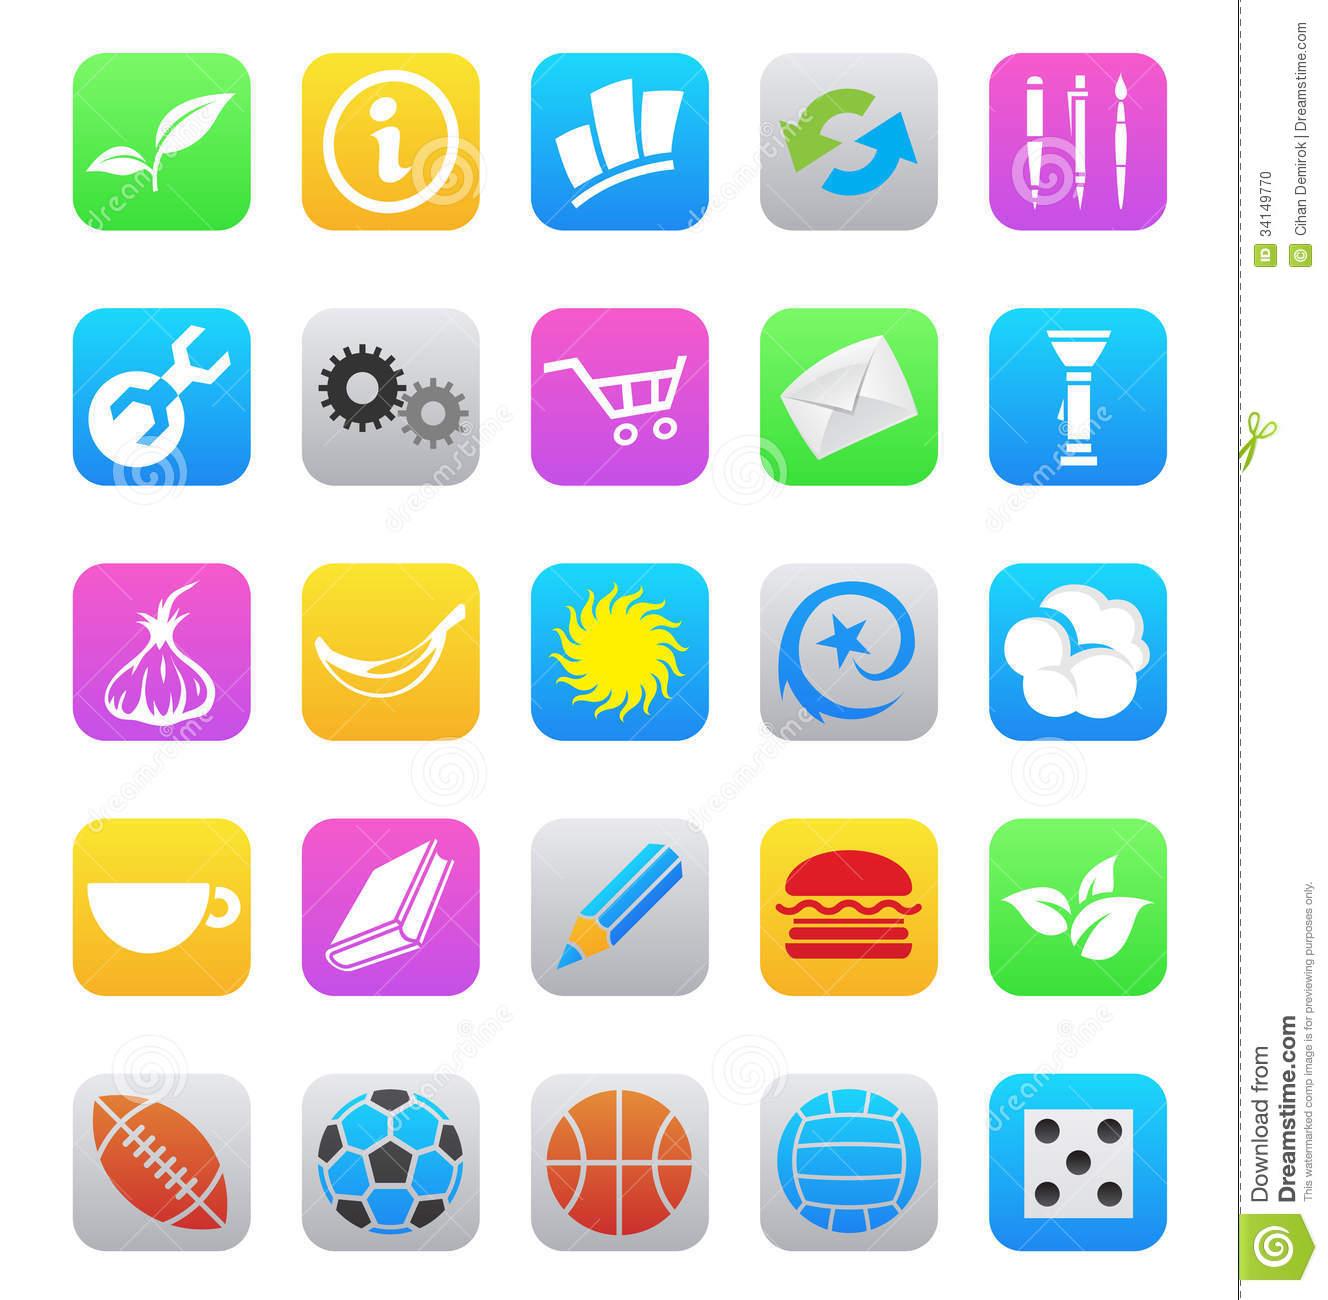 App clipart iphone. Ios clipartfox various style